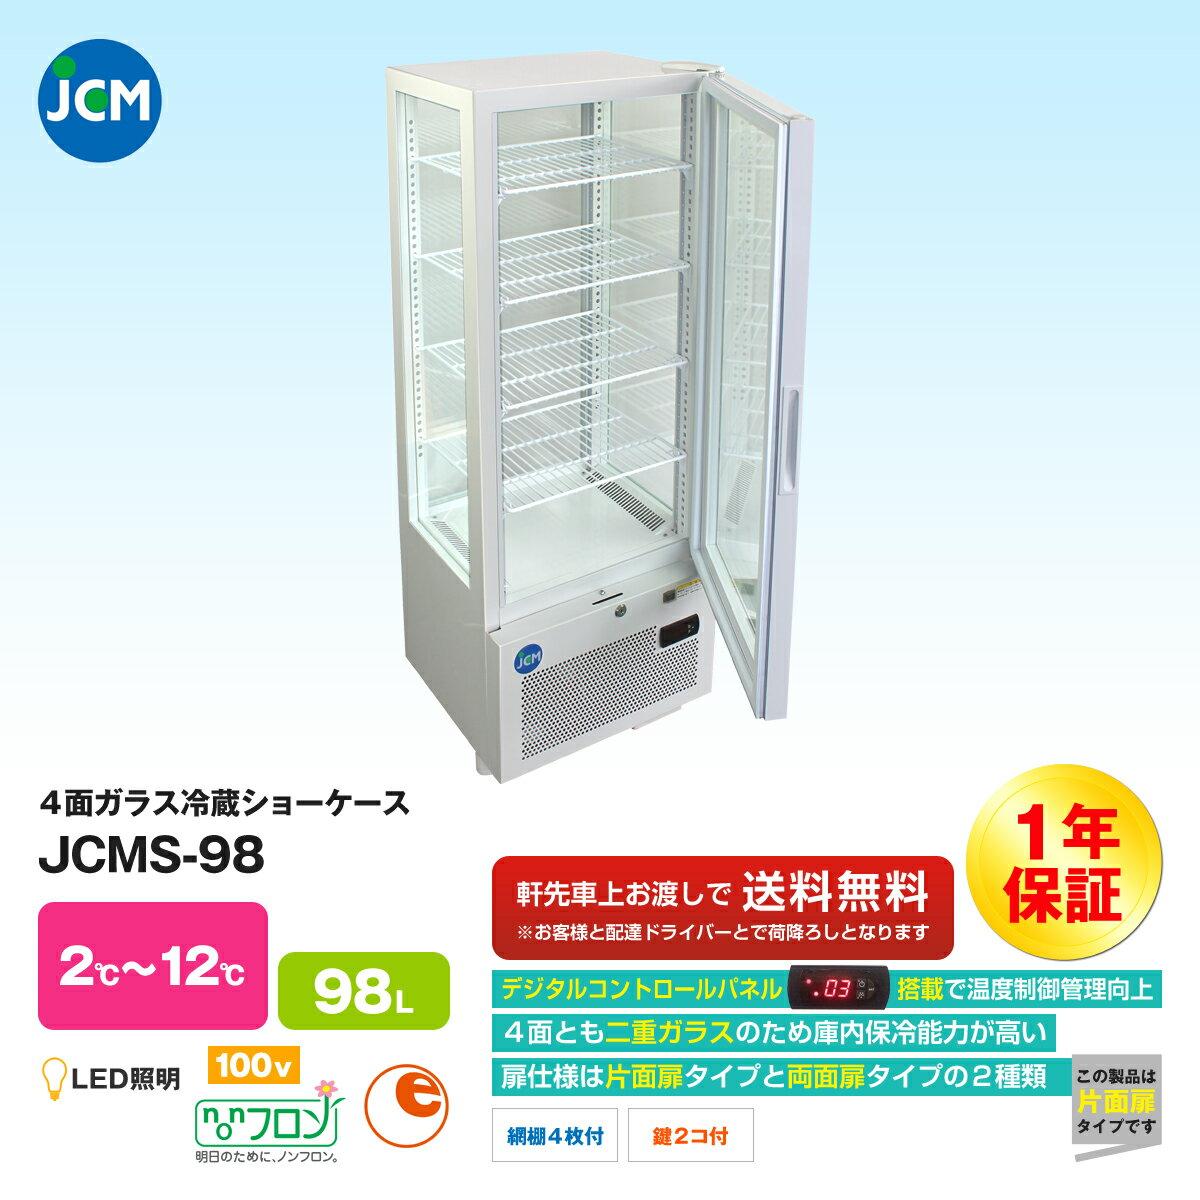 【エントリーでポイント最大10倍】JCM社製 業務用 保冷庫 冷蔵庫 98L 4面 ガラス 冷蔵ショーケース JCMS-98 新品